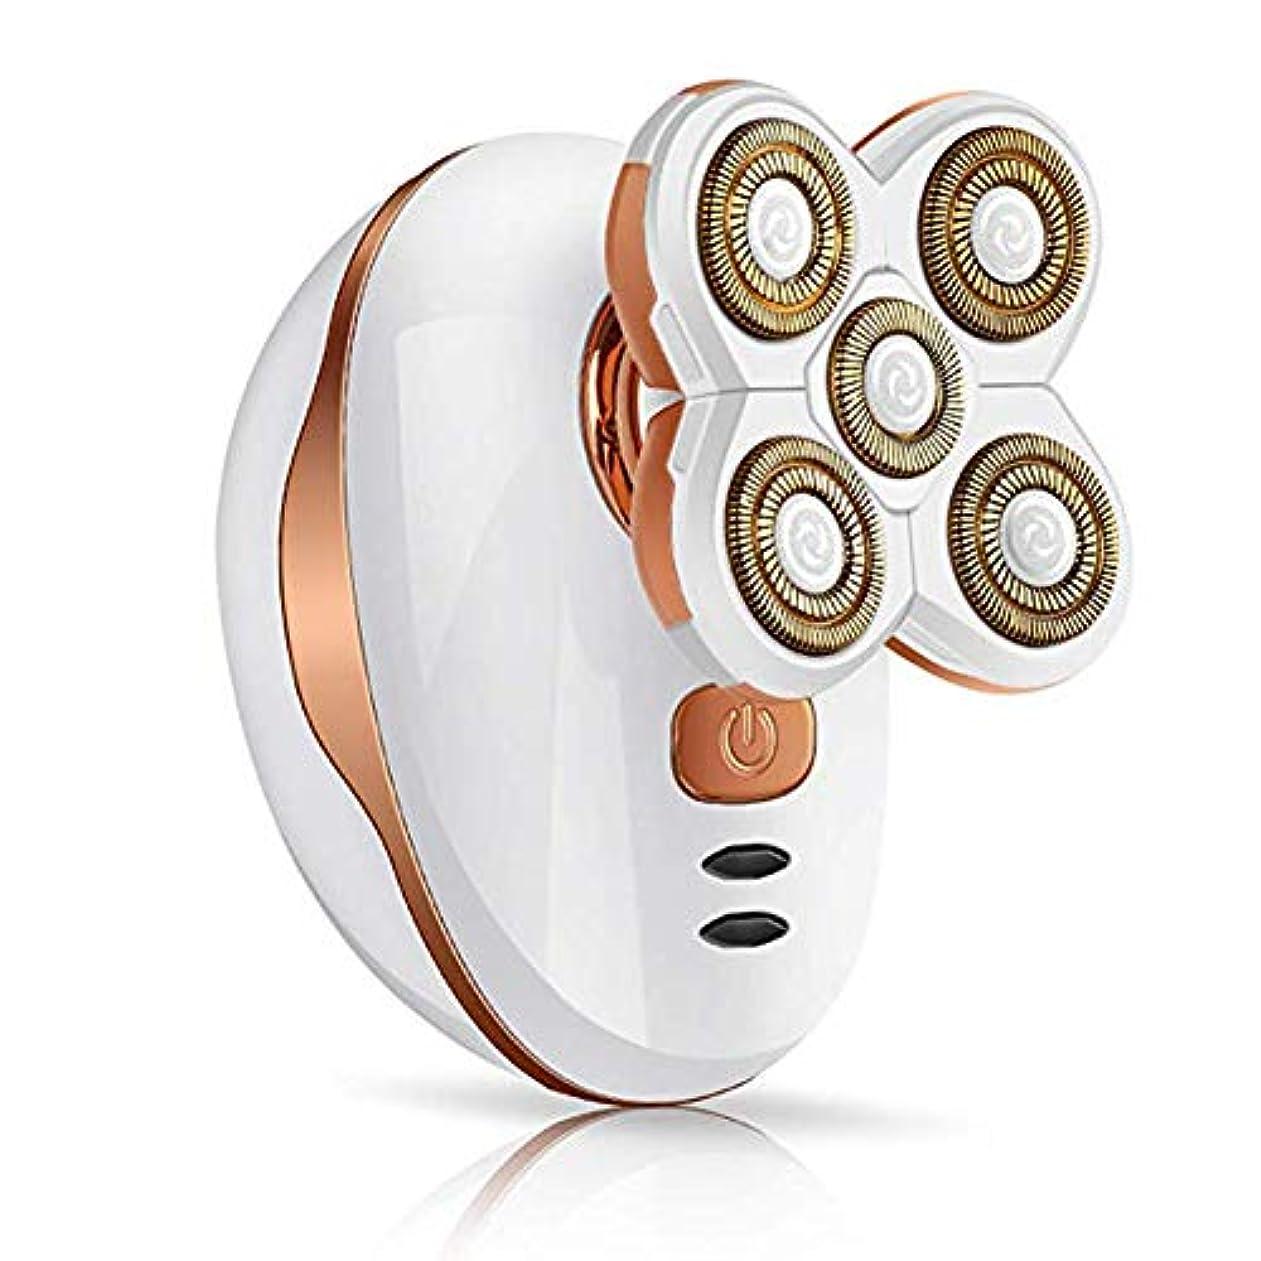 回る爵文房具ウェットドライ電気ロータリーシェーバー、5フローティングヘッド付きコードレス防水カミソリヘッドシェーバー旅行や家庭での使用のための高速USB充電セキュリティロックモード